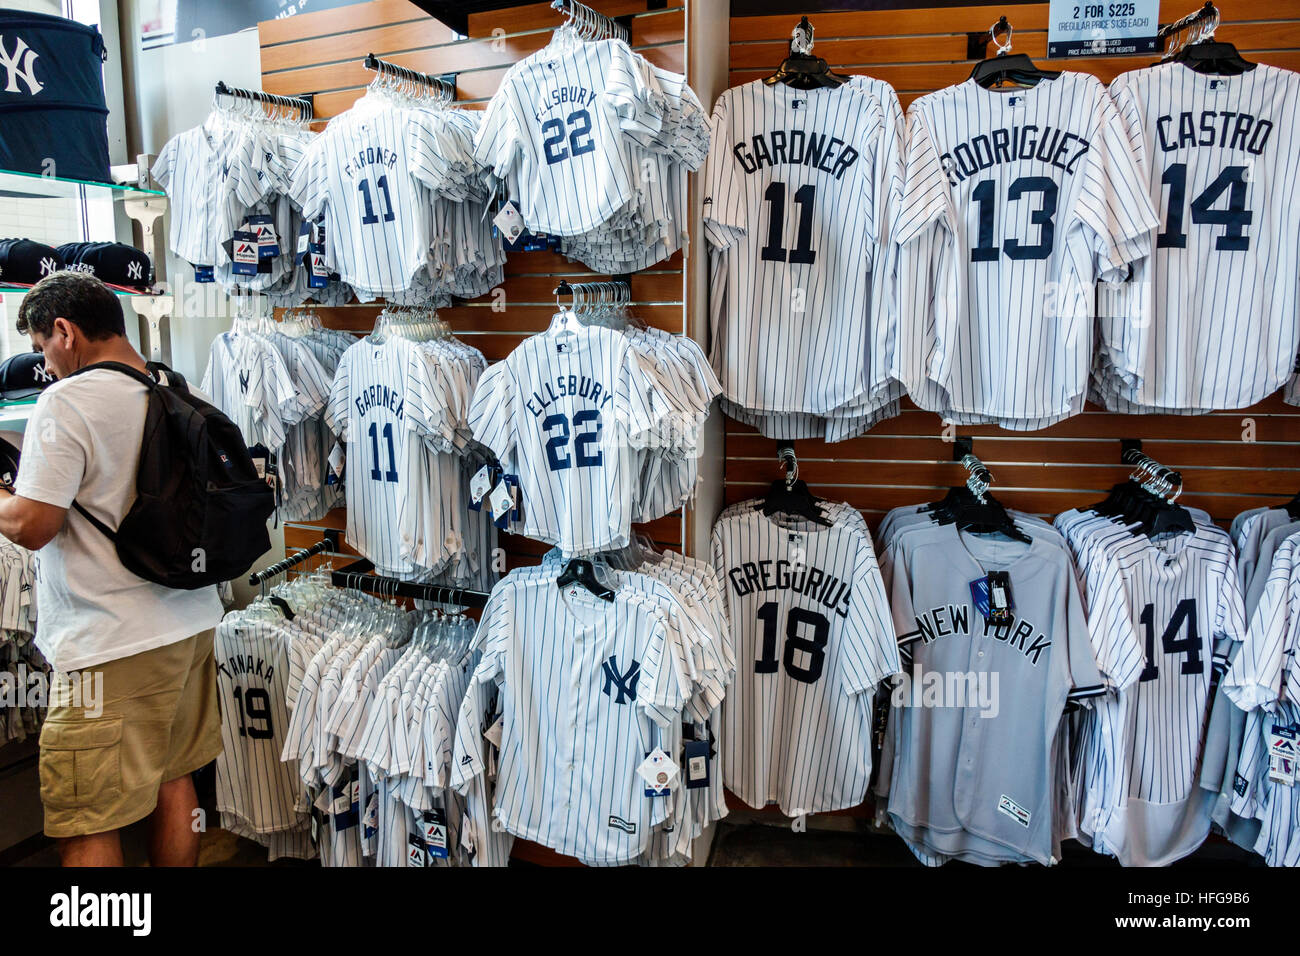 New York New York City NYC Bronx NY Yankees Yankee Stadium ...